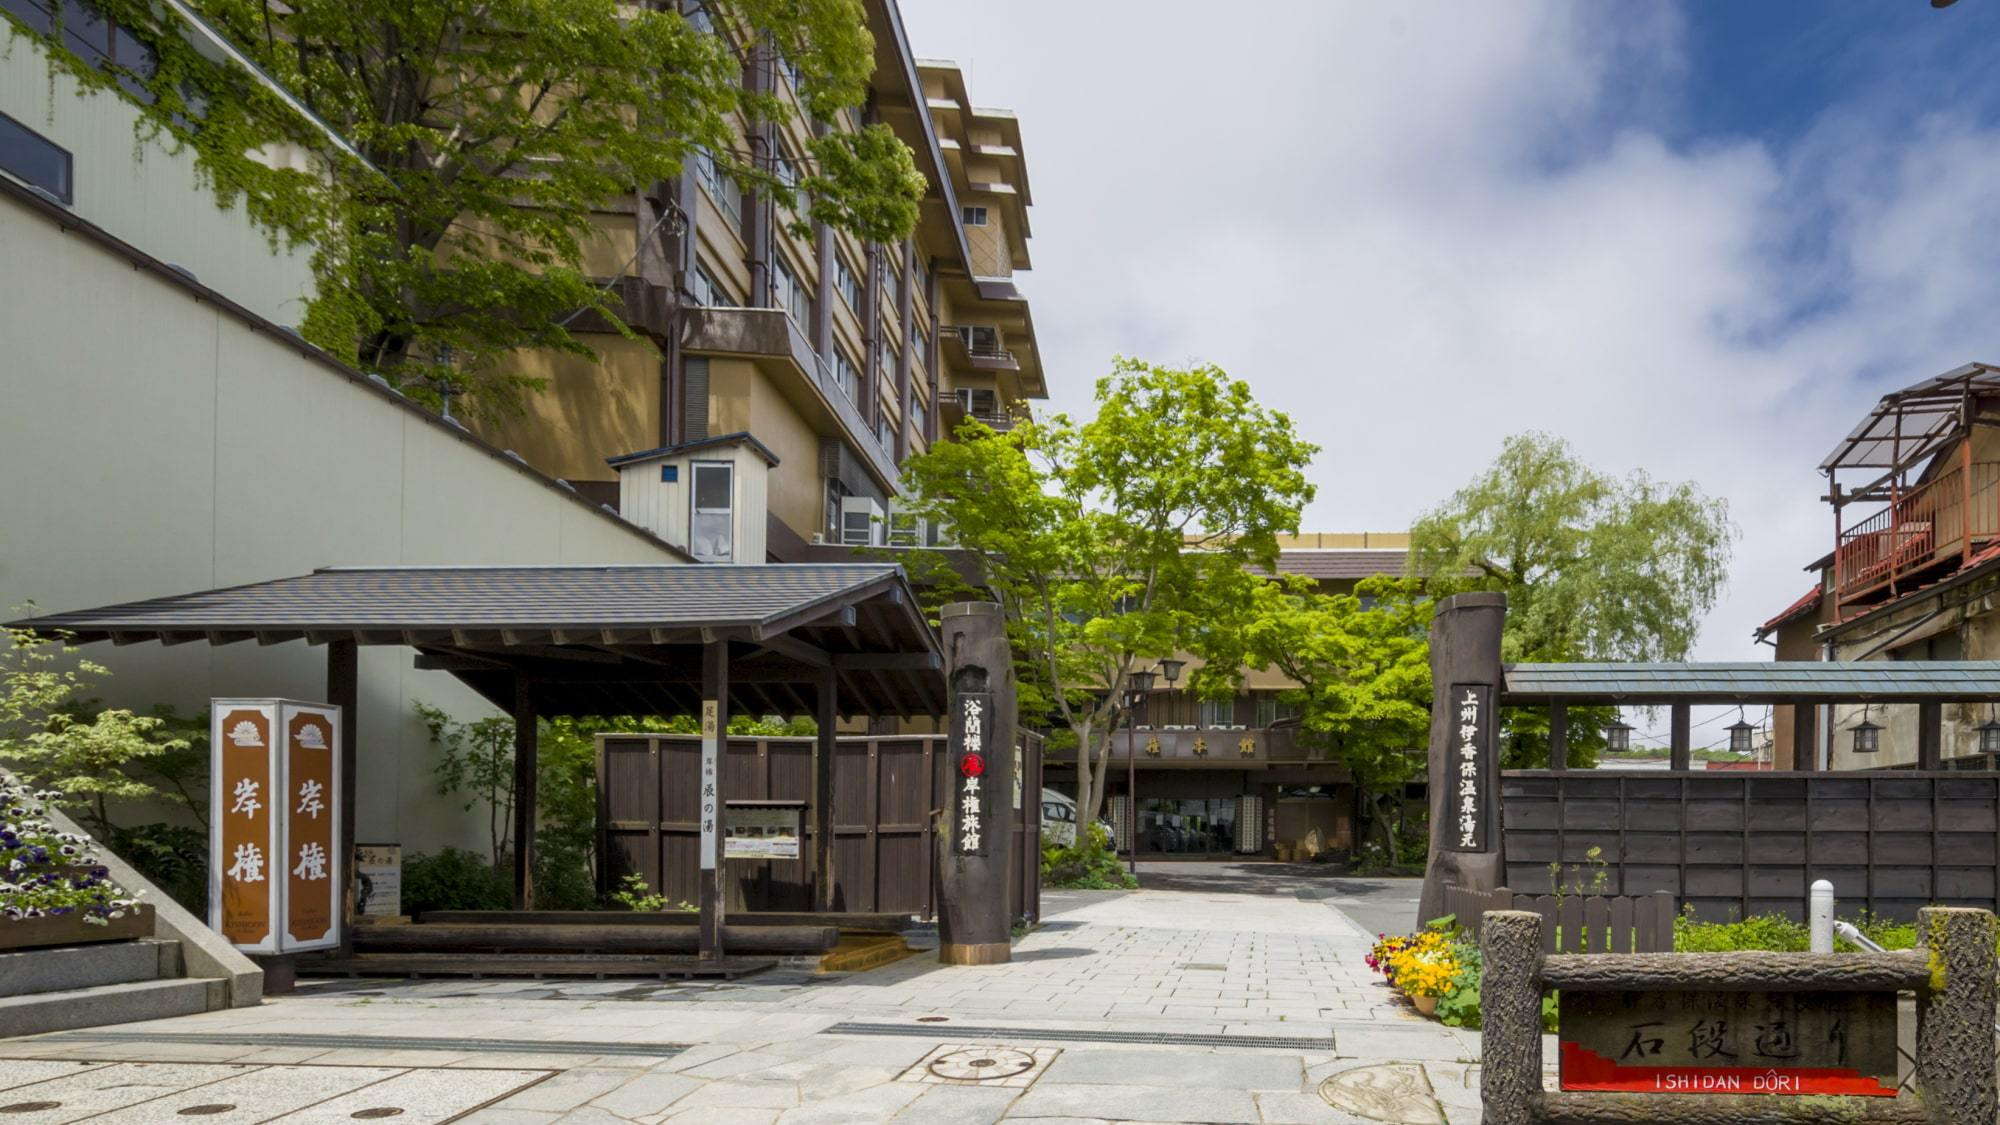 年末年始の時期に伊香保温泉に行きます。黄金の湯を楽しめる宿を教えてください。